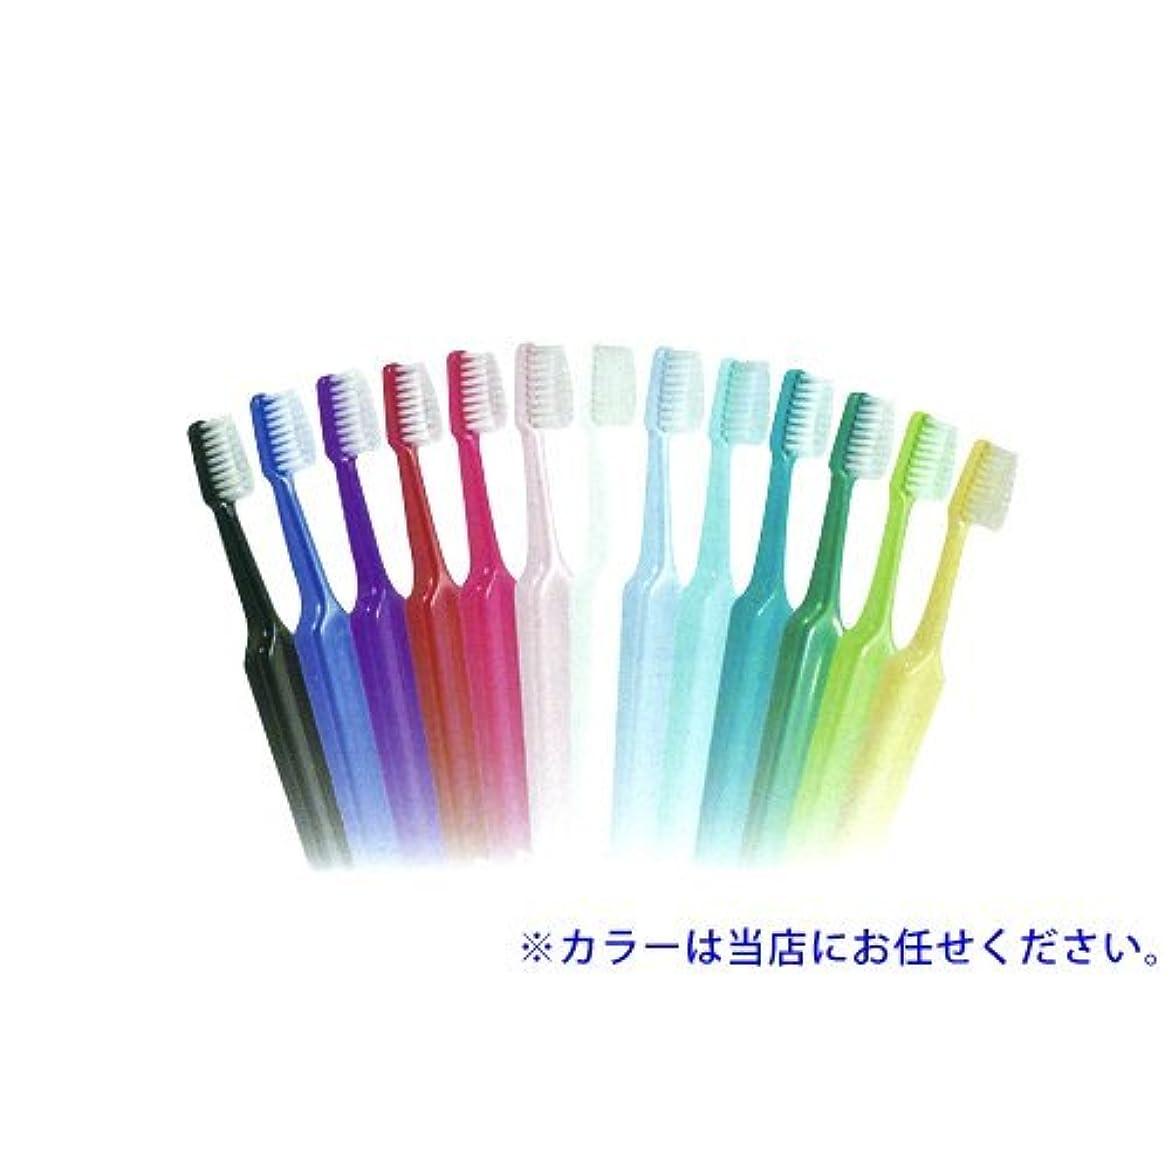 重々しい地下室サイトクロスフィールド TePe テペ セレクトミニ 歯ブラシ 1本 ソフト